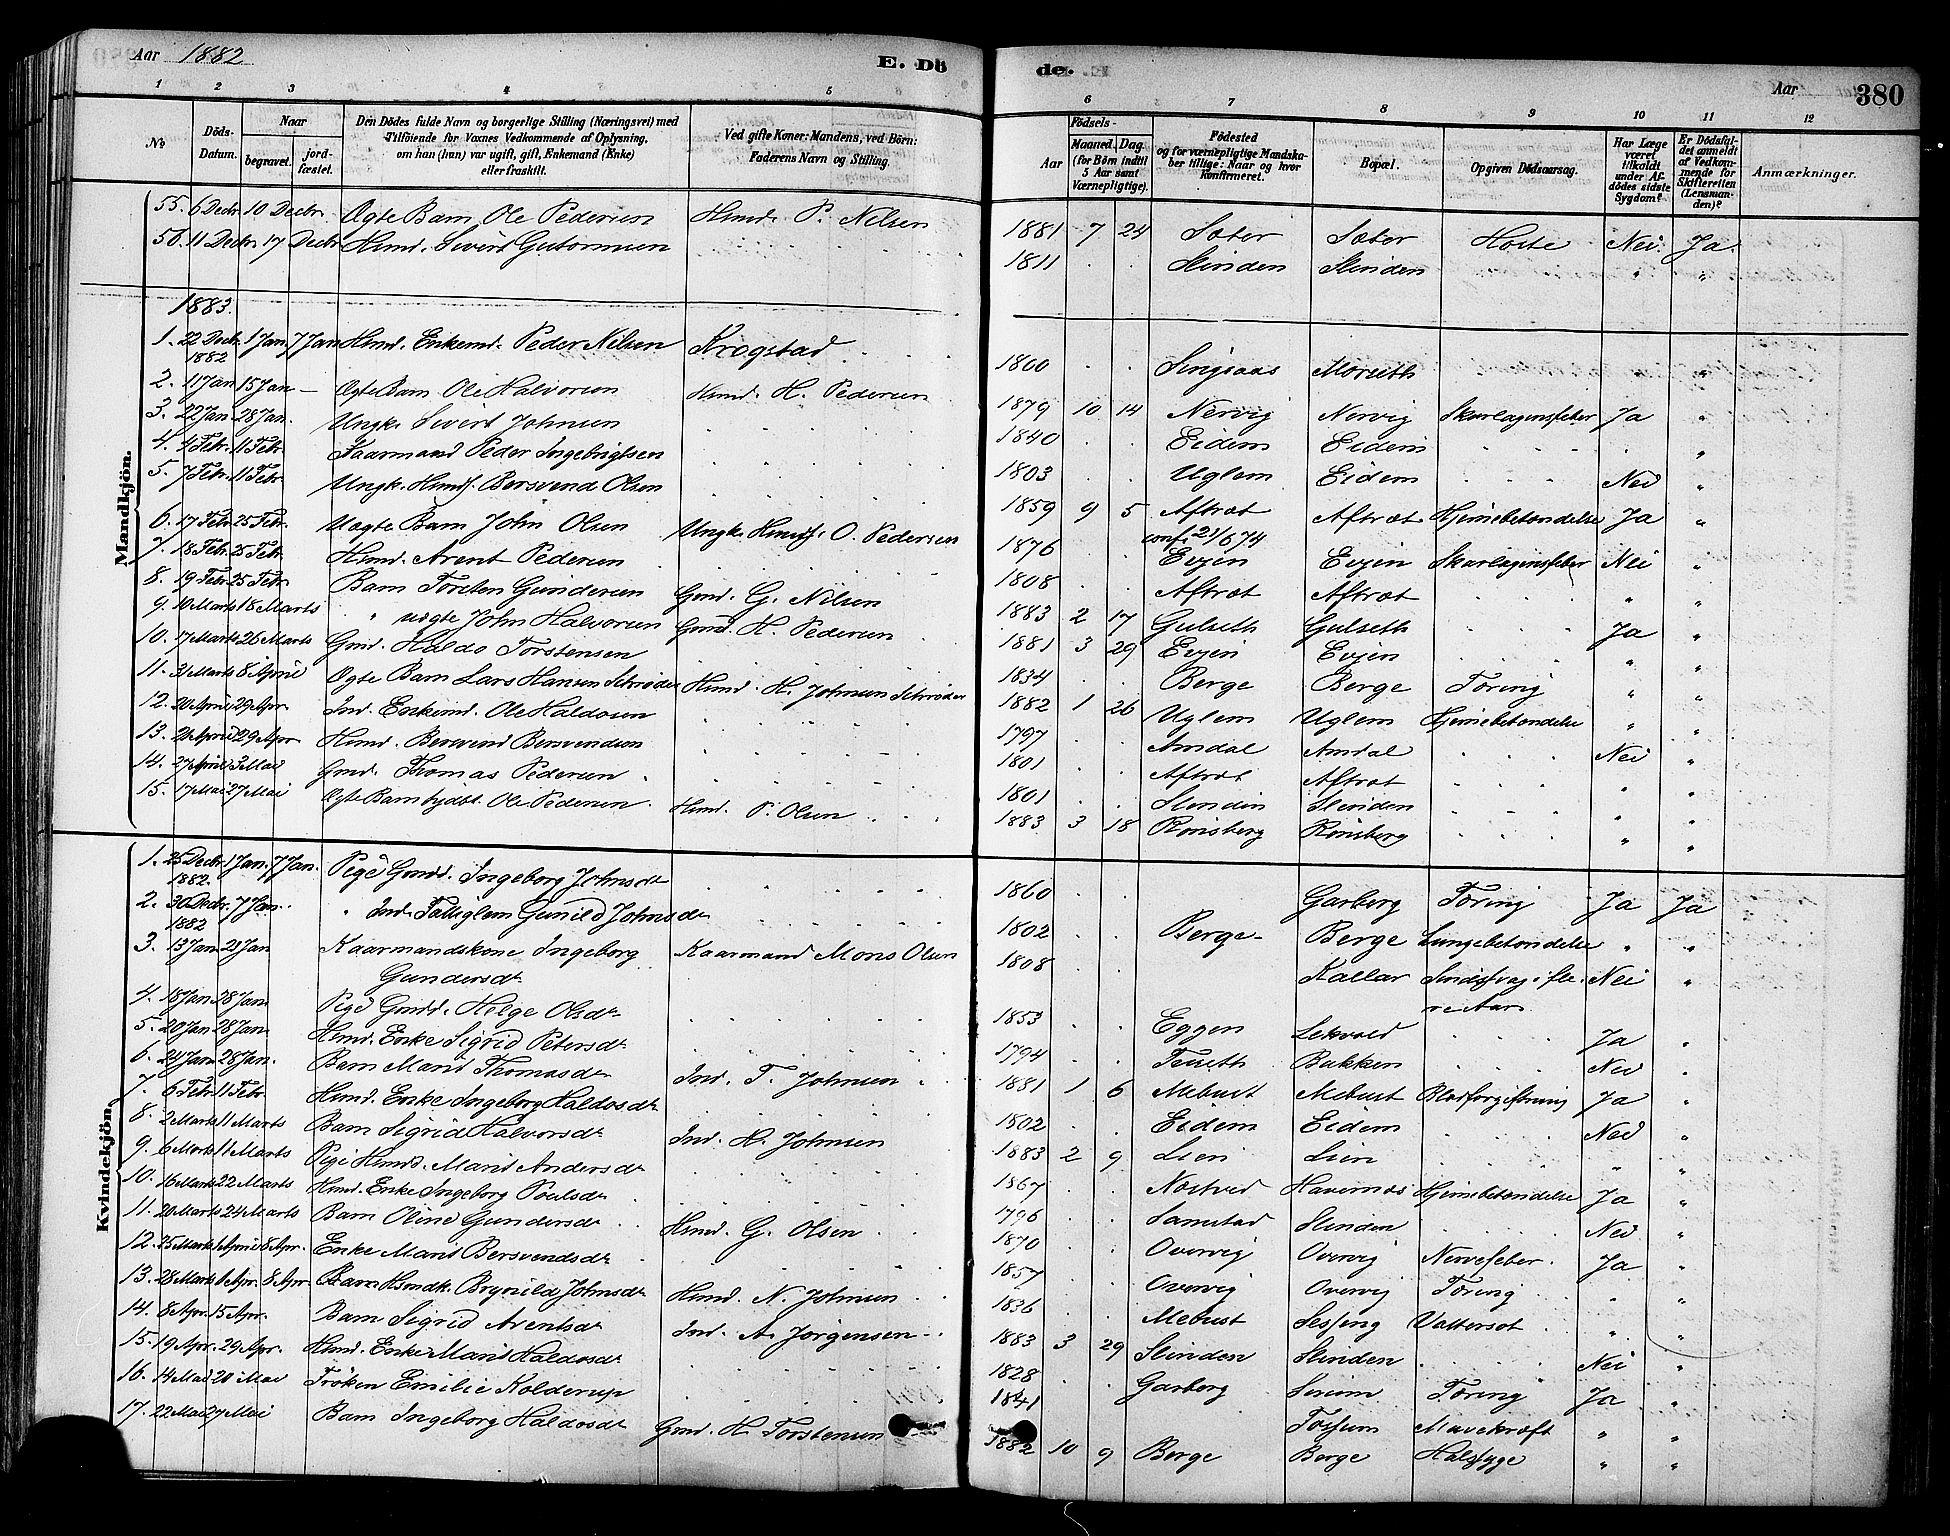 SAT, Ministerialprotokoller, klokkerbøker og fødselsregistre - Sør-Trøndelag, 695/L1148: Ministerialbok nr. 695A08, 1878-1891, s. 380